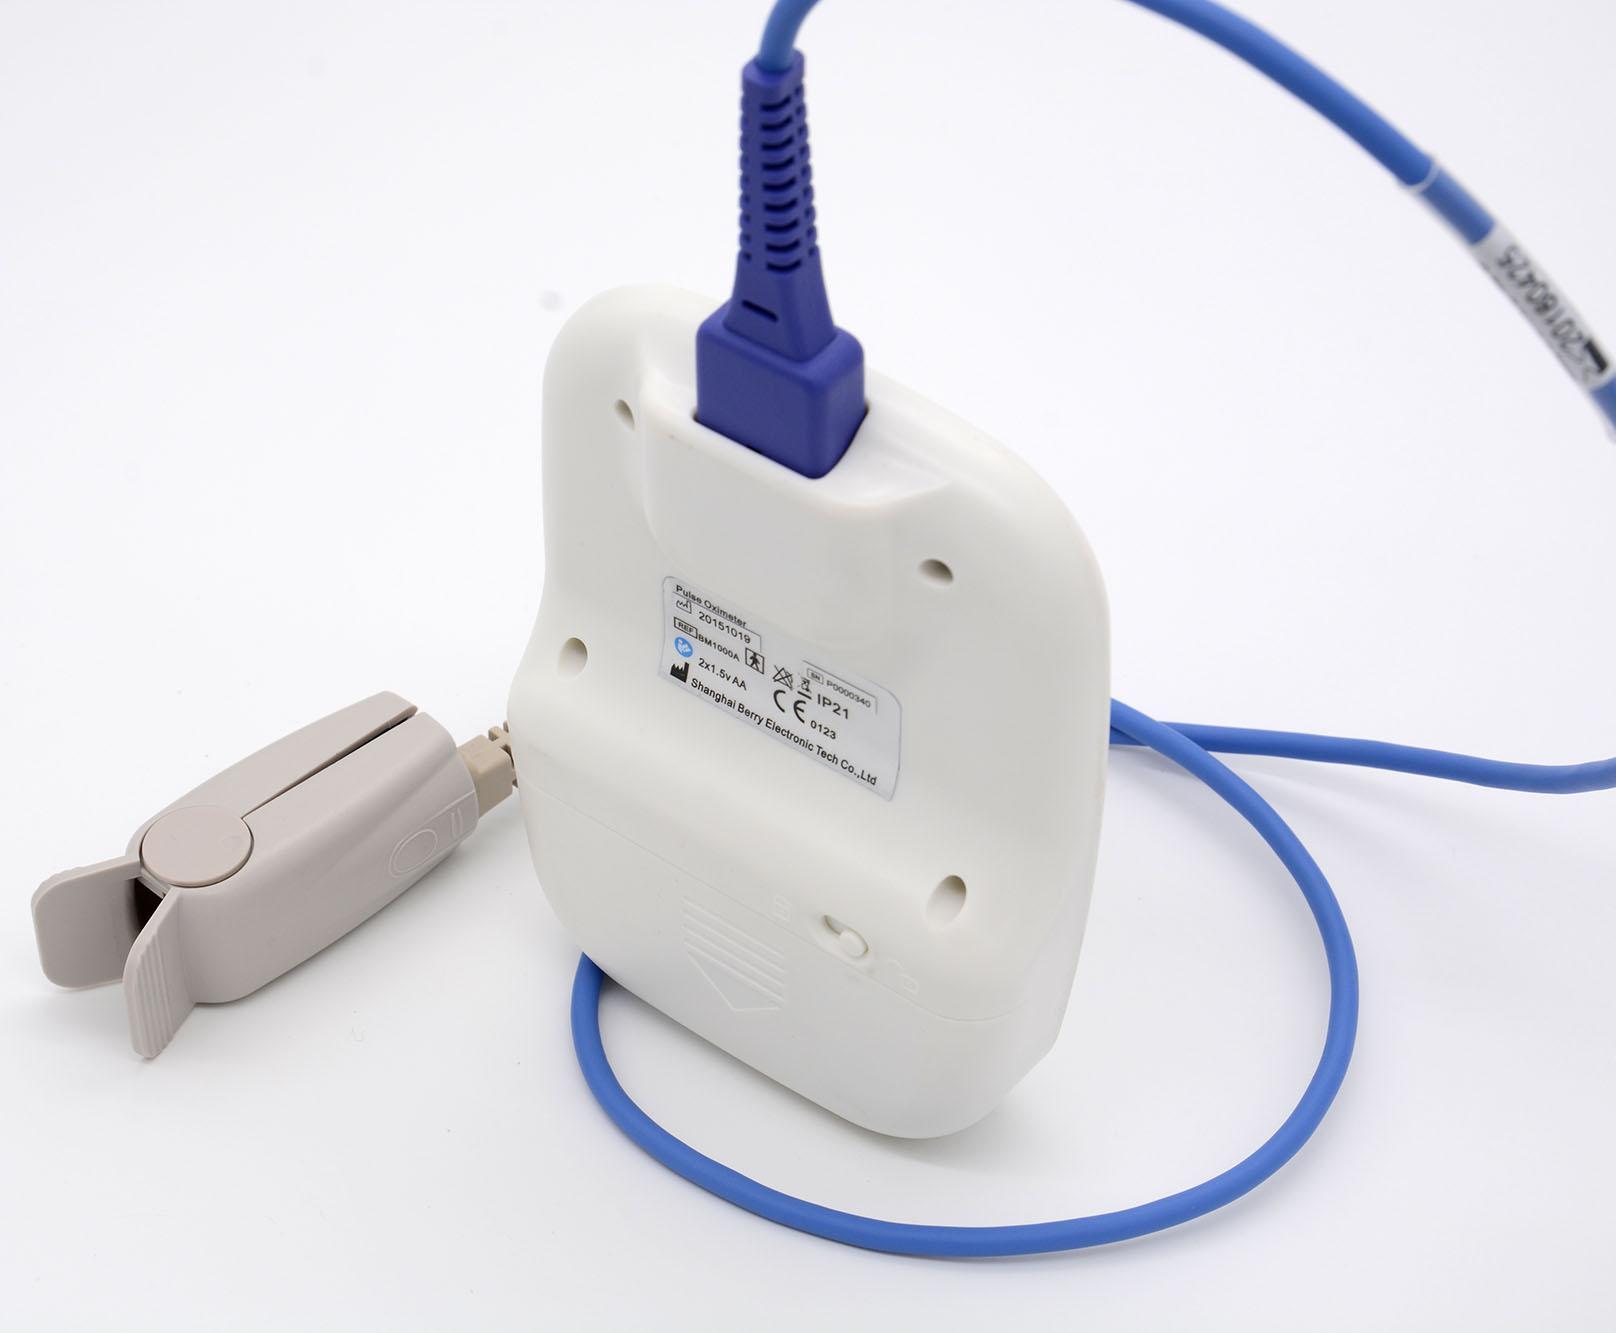 CE认证的OLED显示屏手持式指尖脉搏血氧仪 2